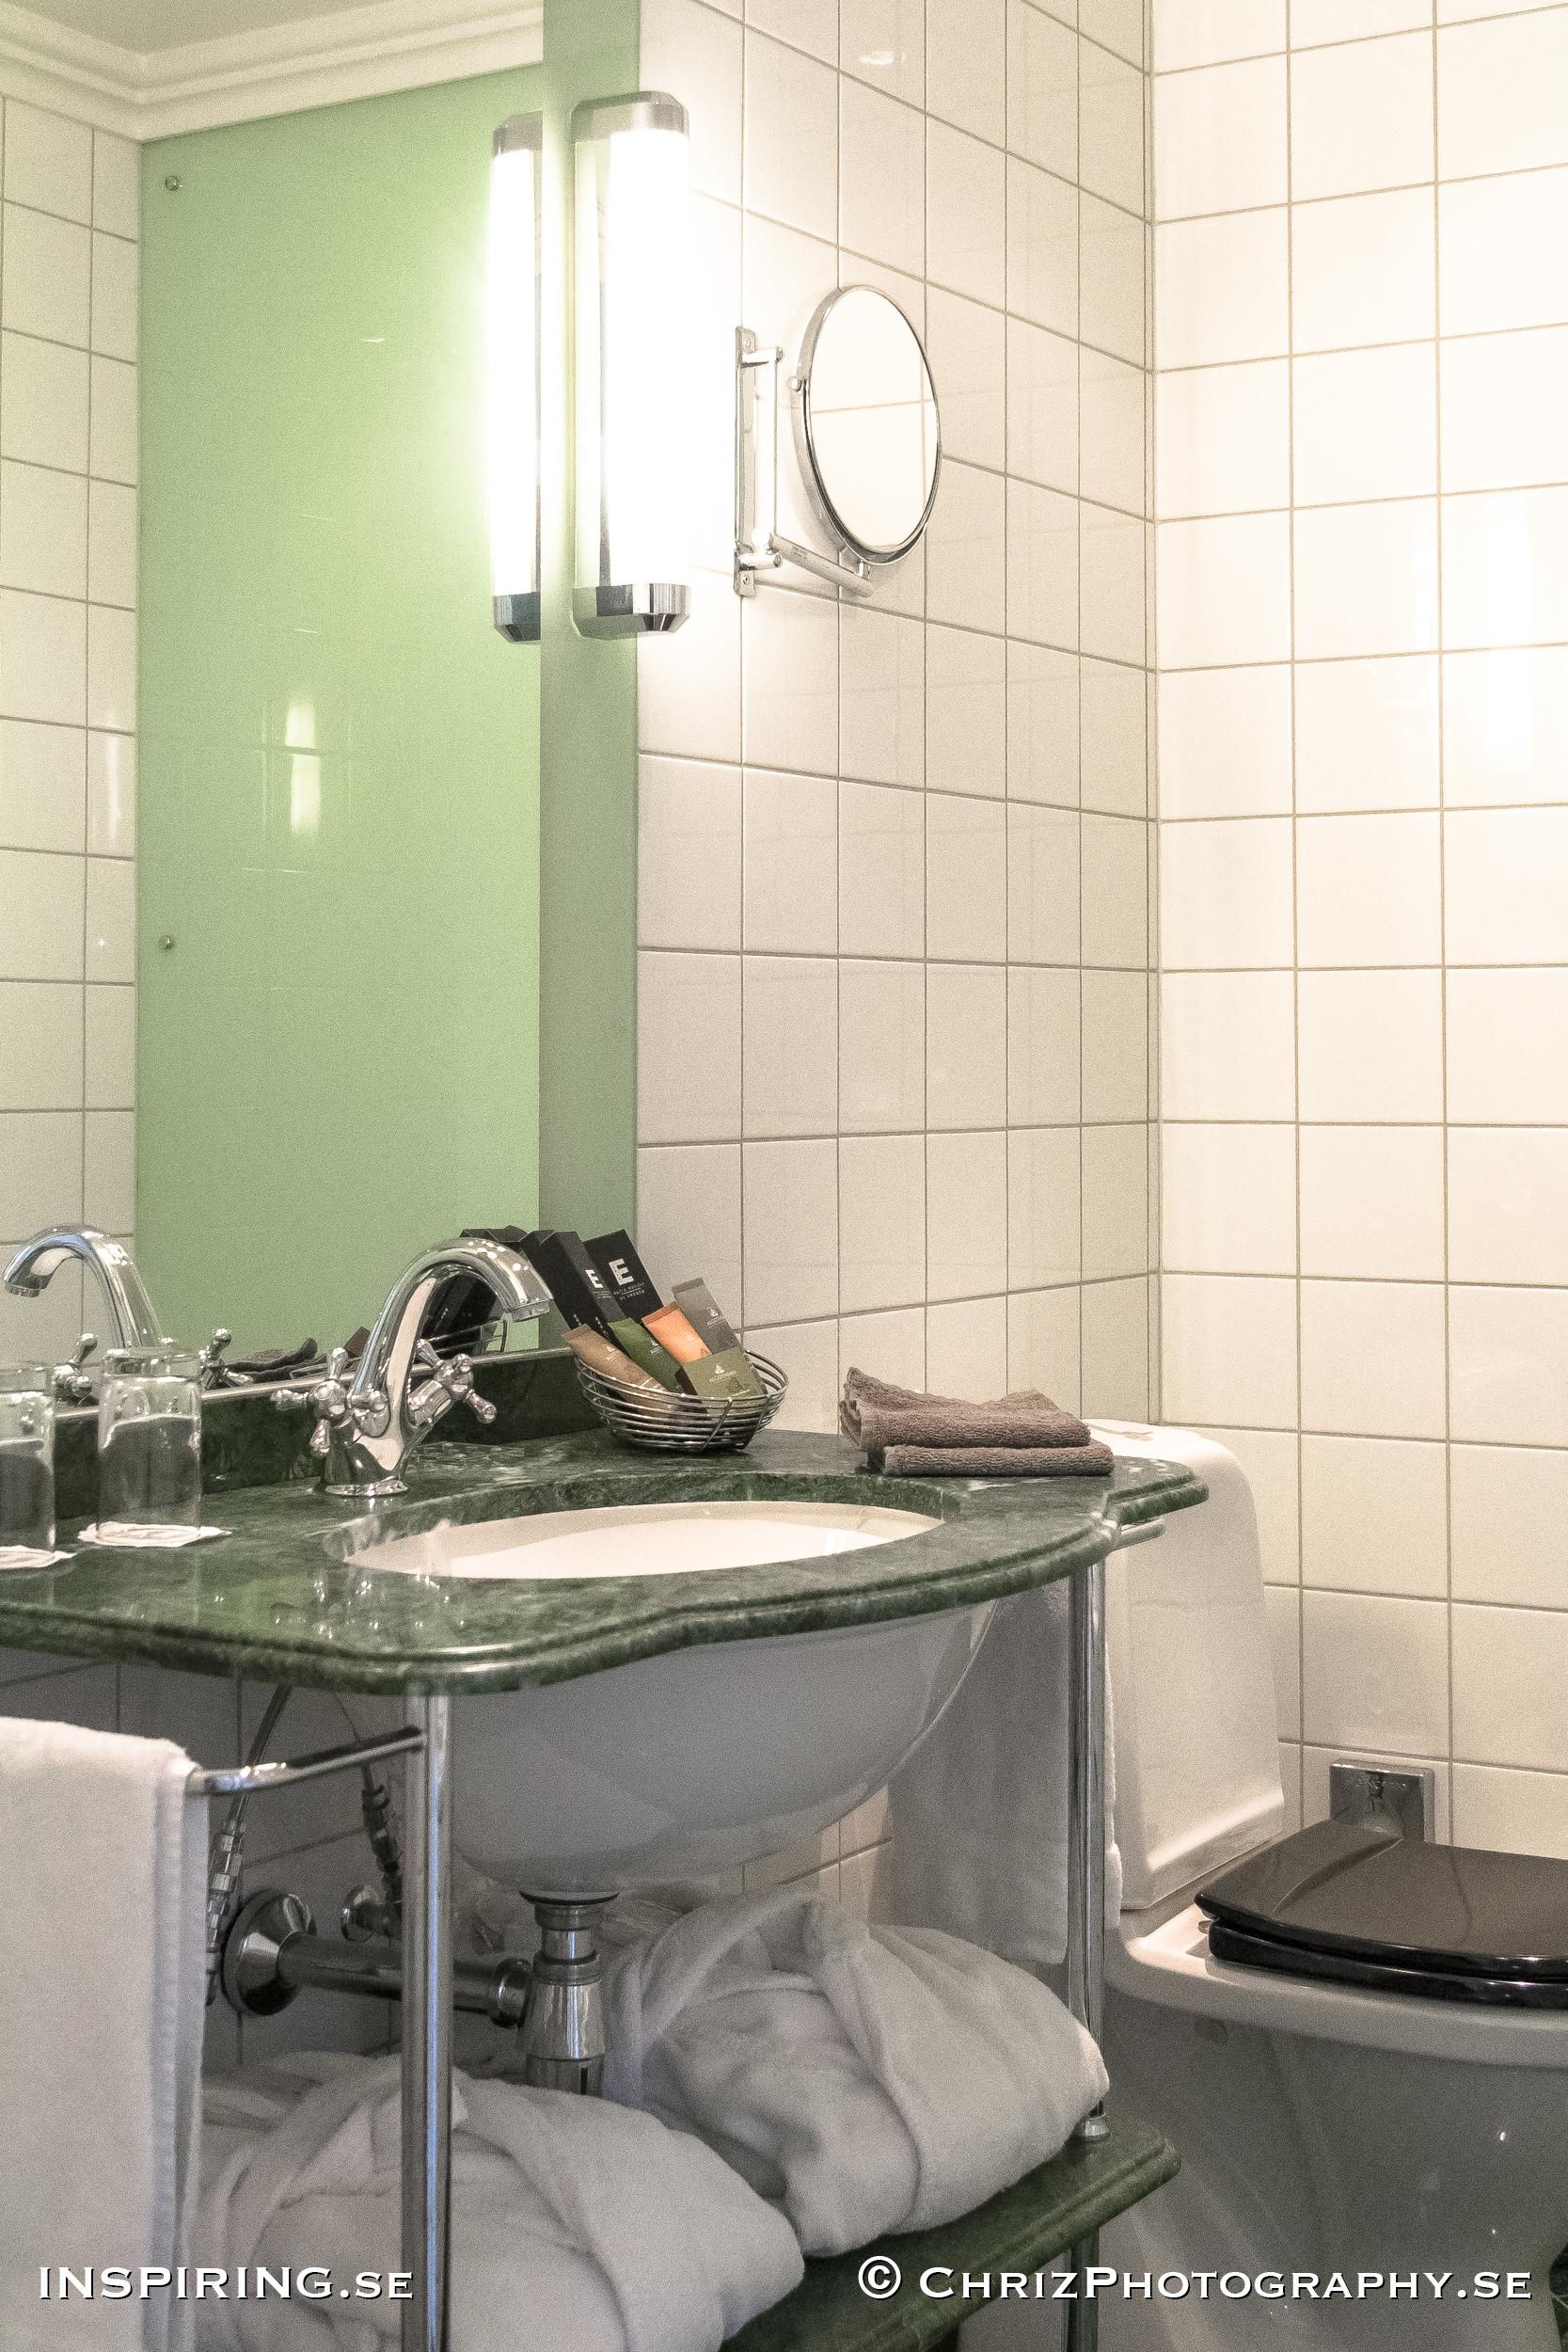 Elite_Hotel_Knaust_Inspiring.se_copyright_ChrizPhotography.se_12.jpg